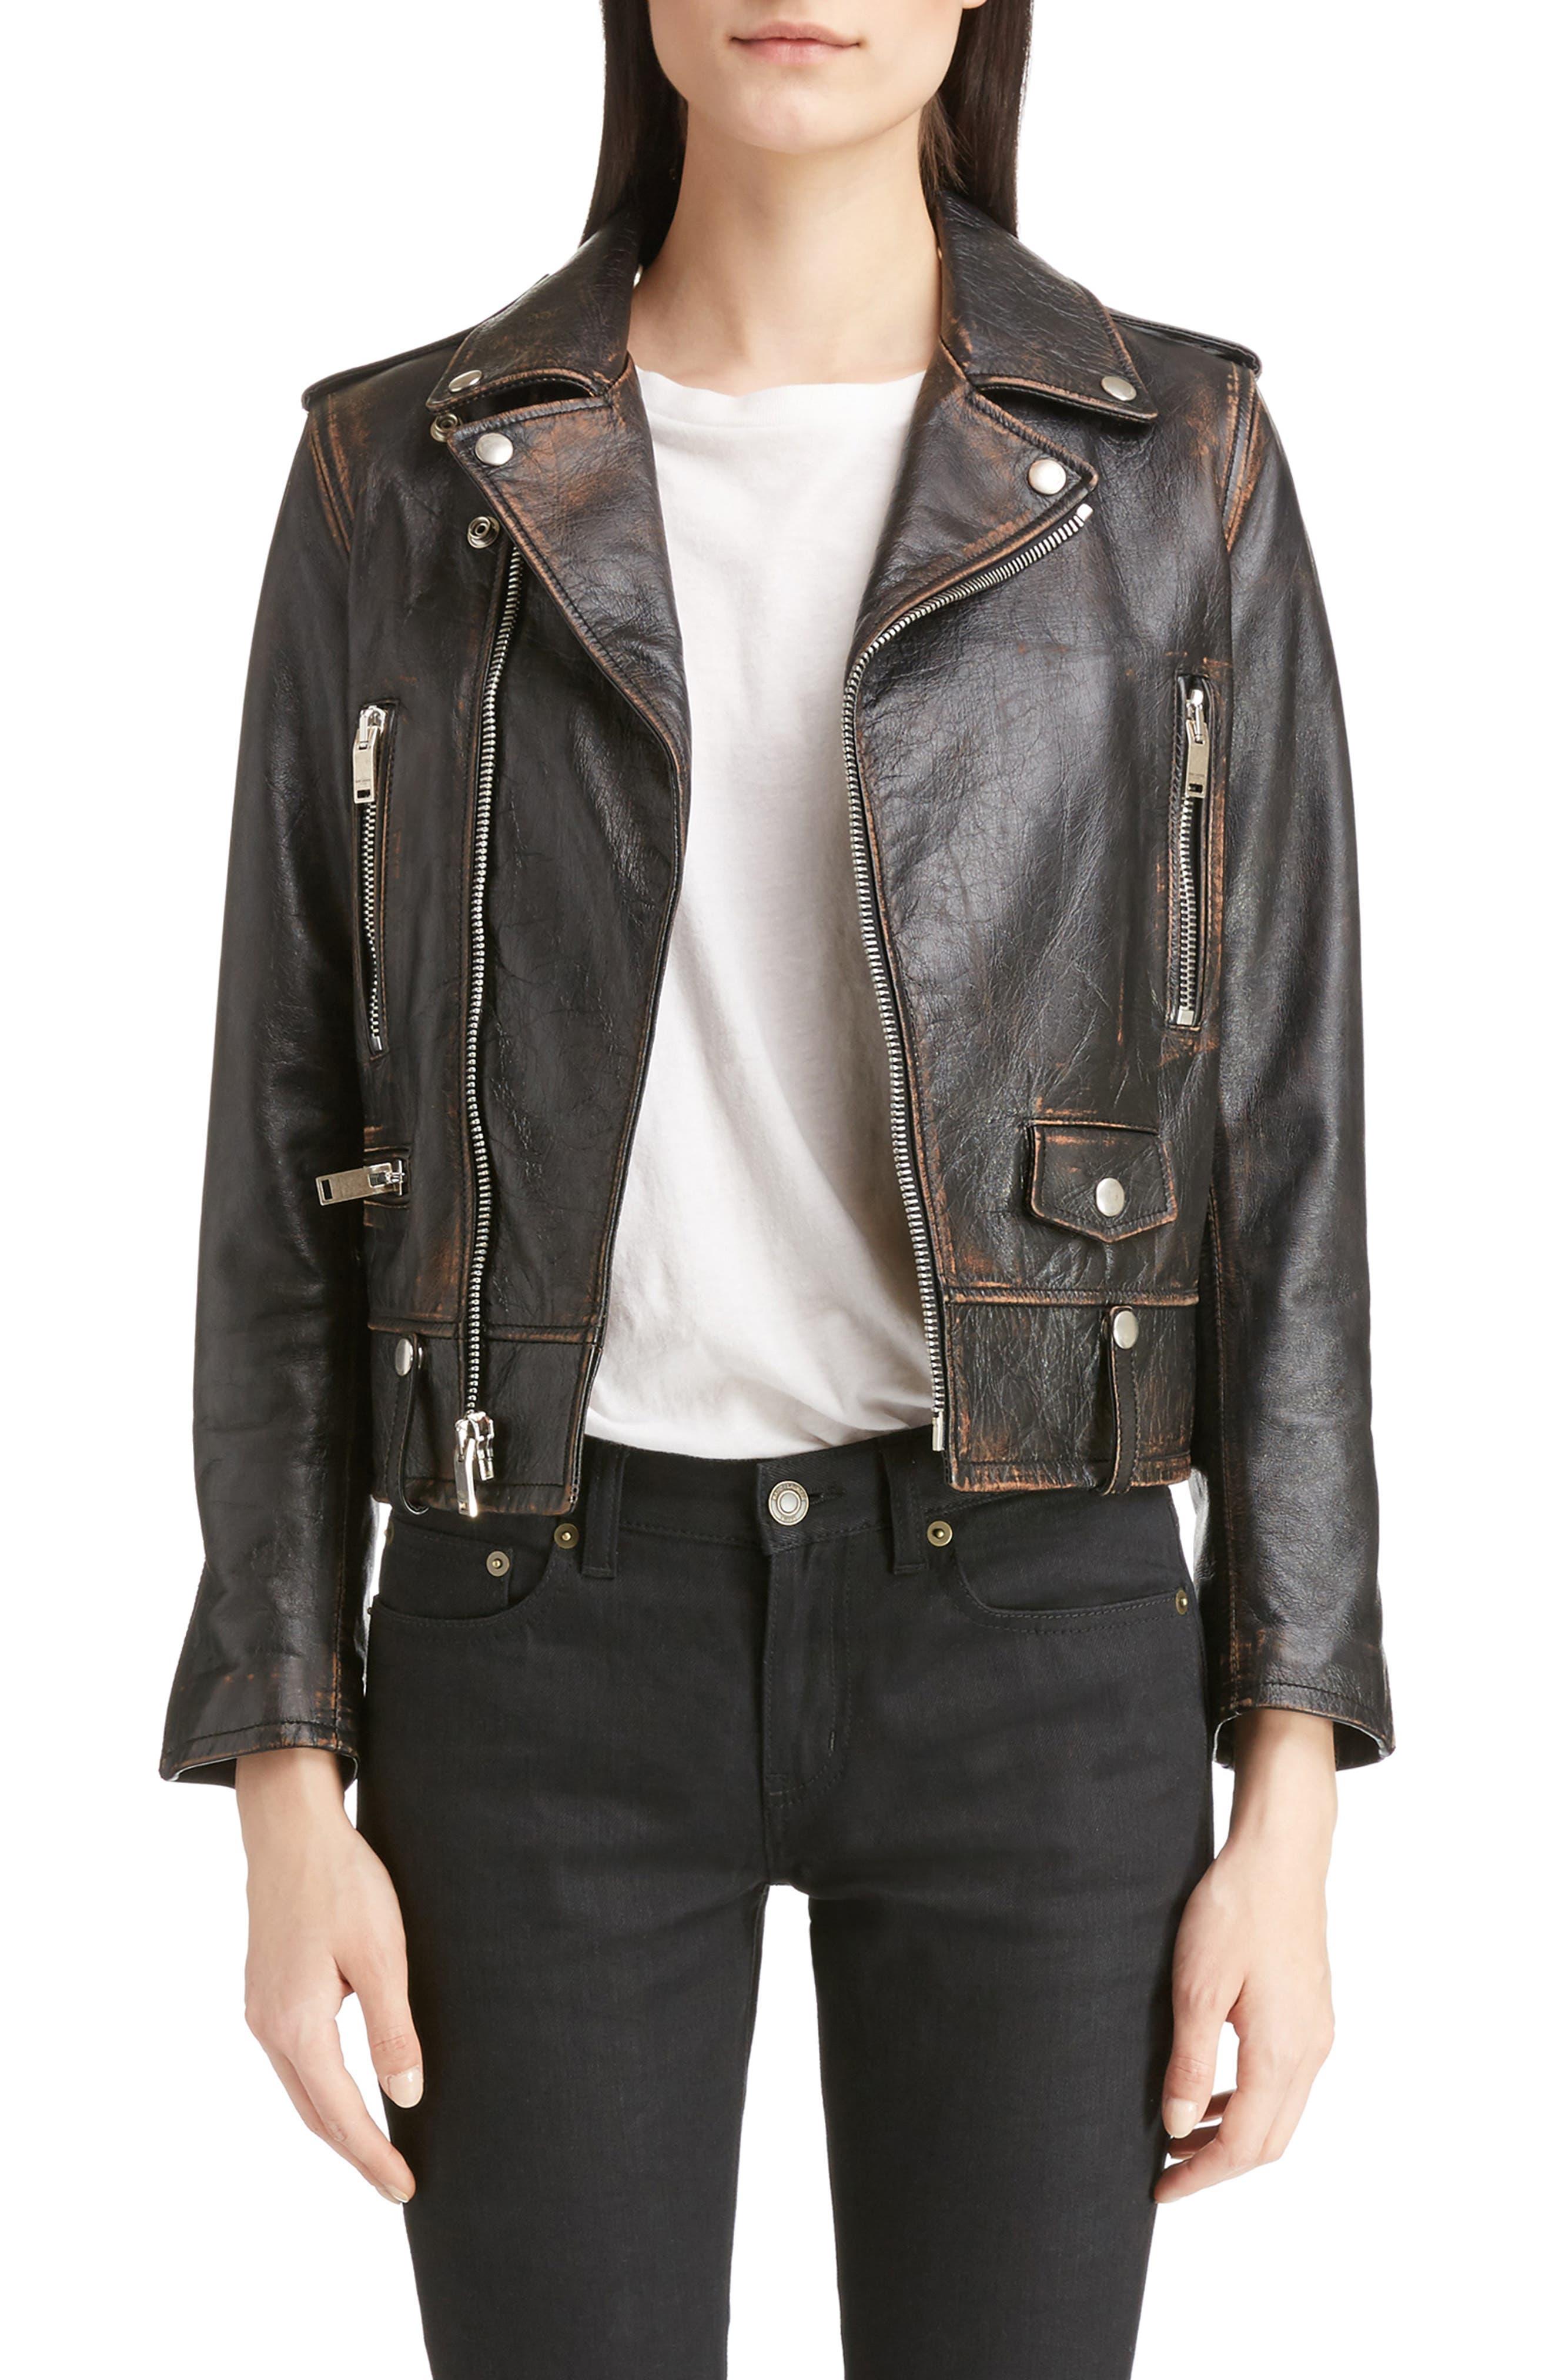 Saint Laurent Back Logo Leather Biker Jacket